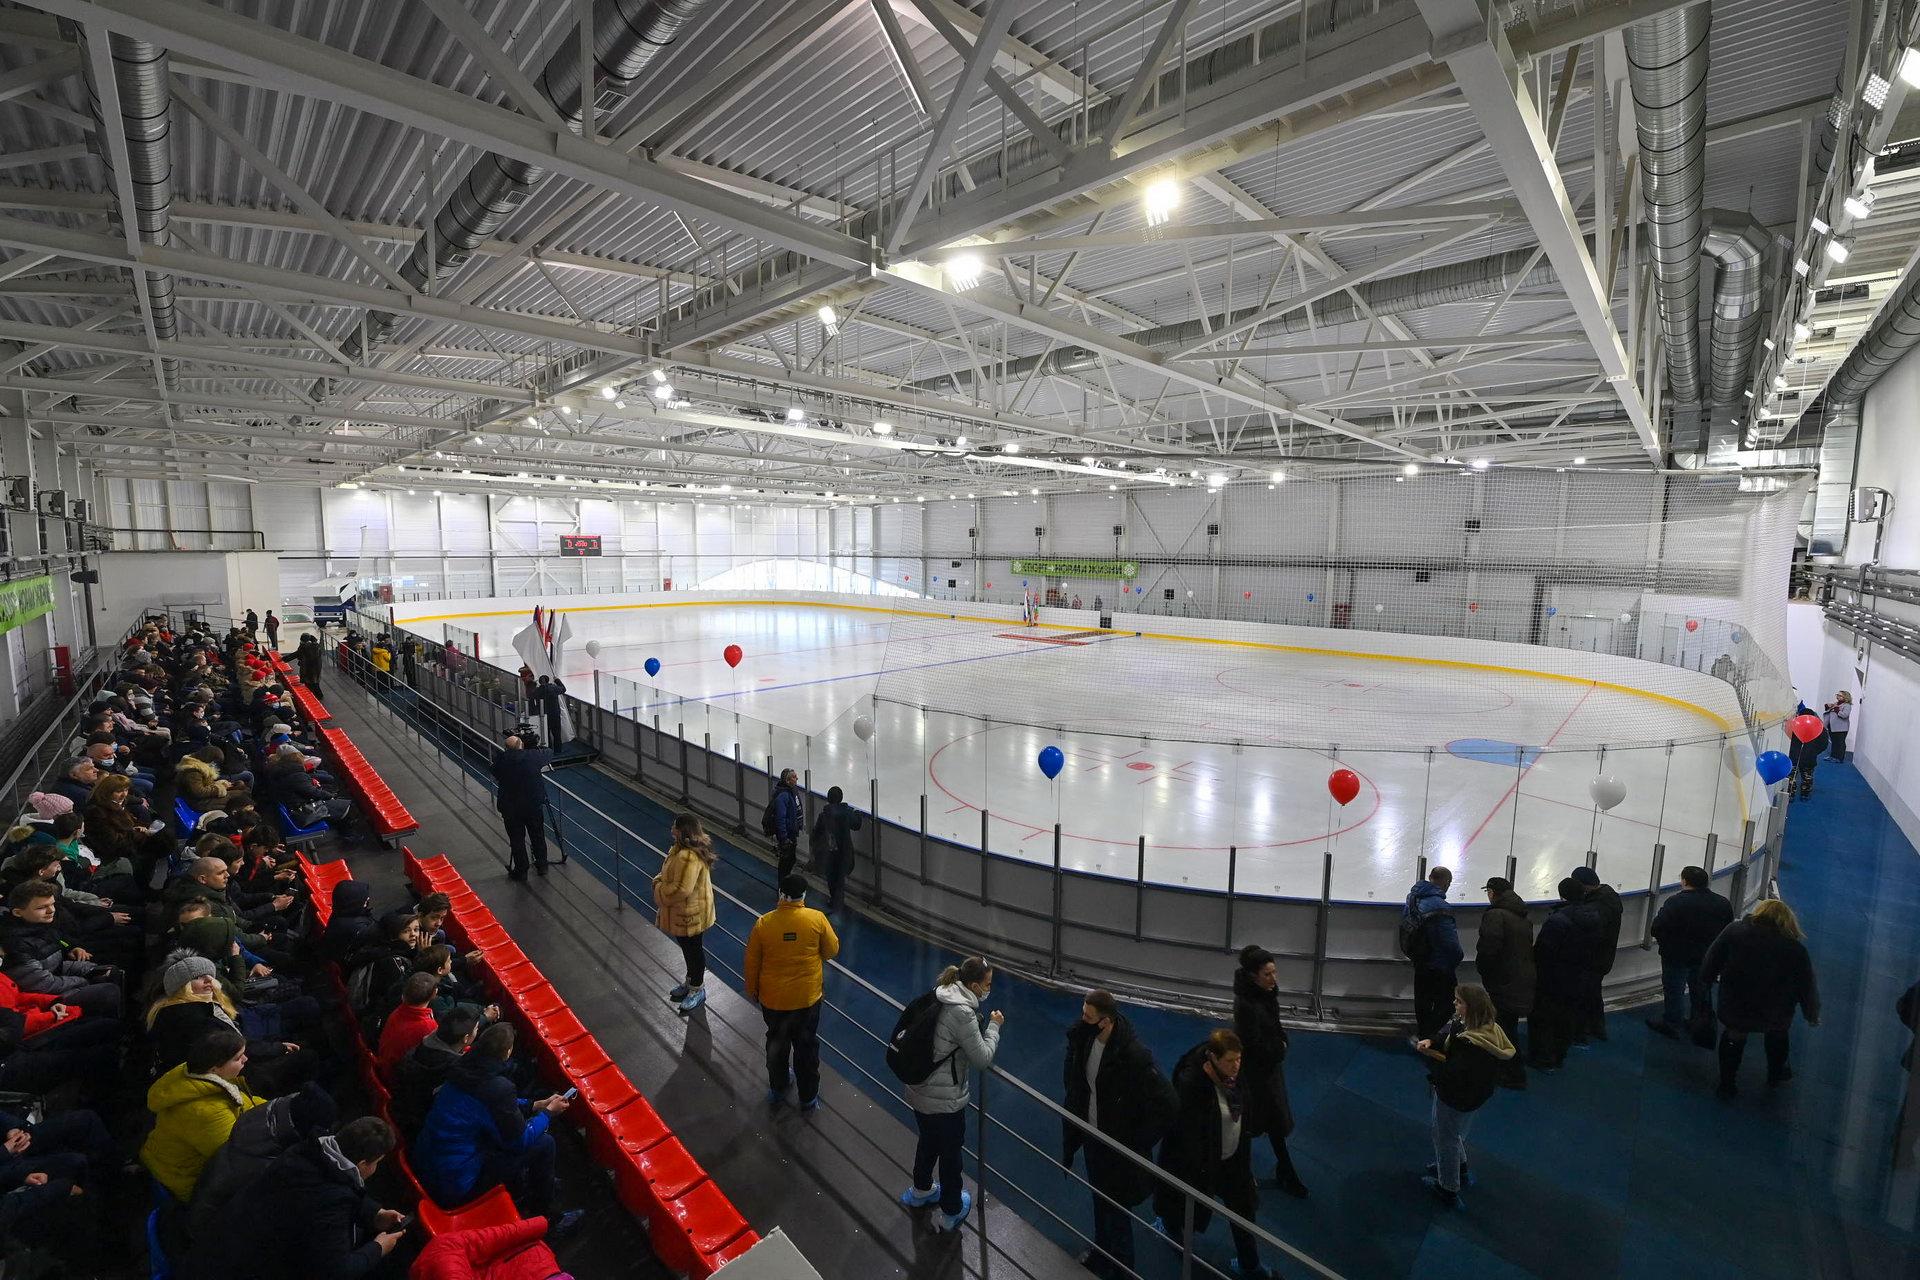 кондрово ледовая арена угра открытие 11 марта 2021 года